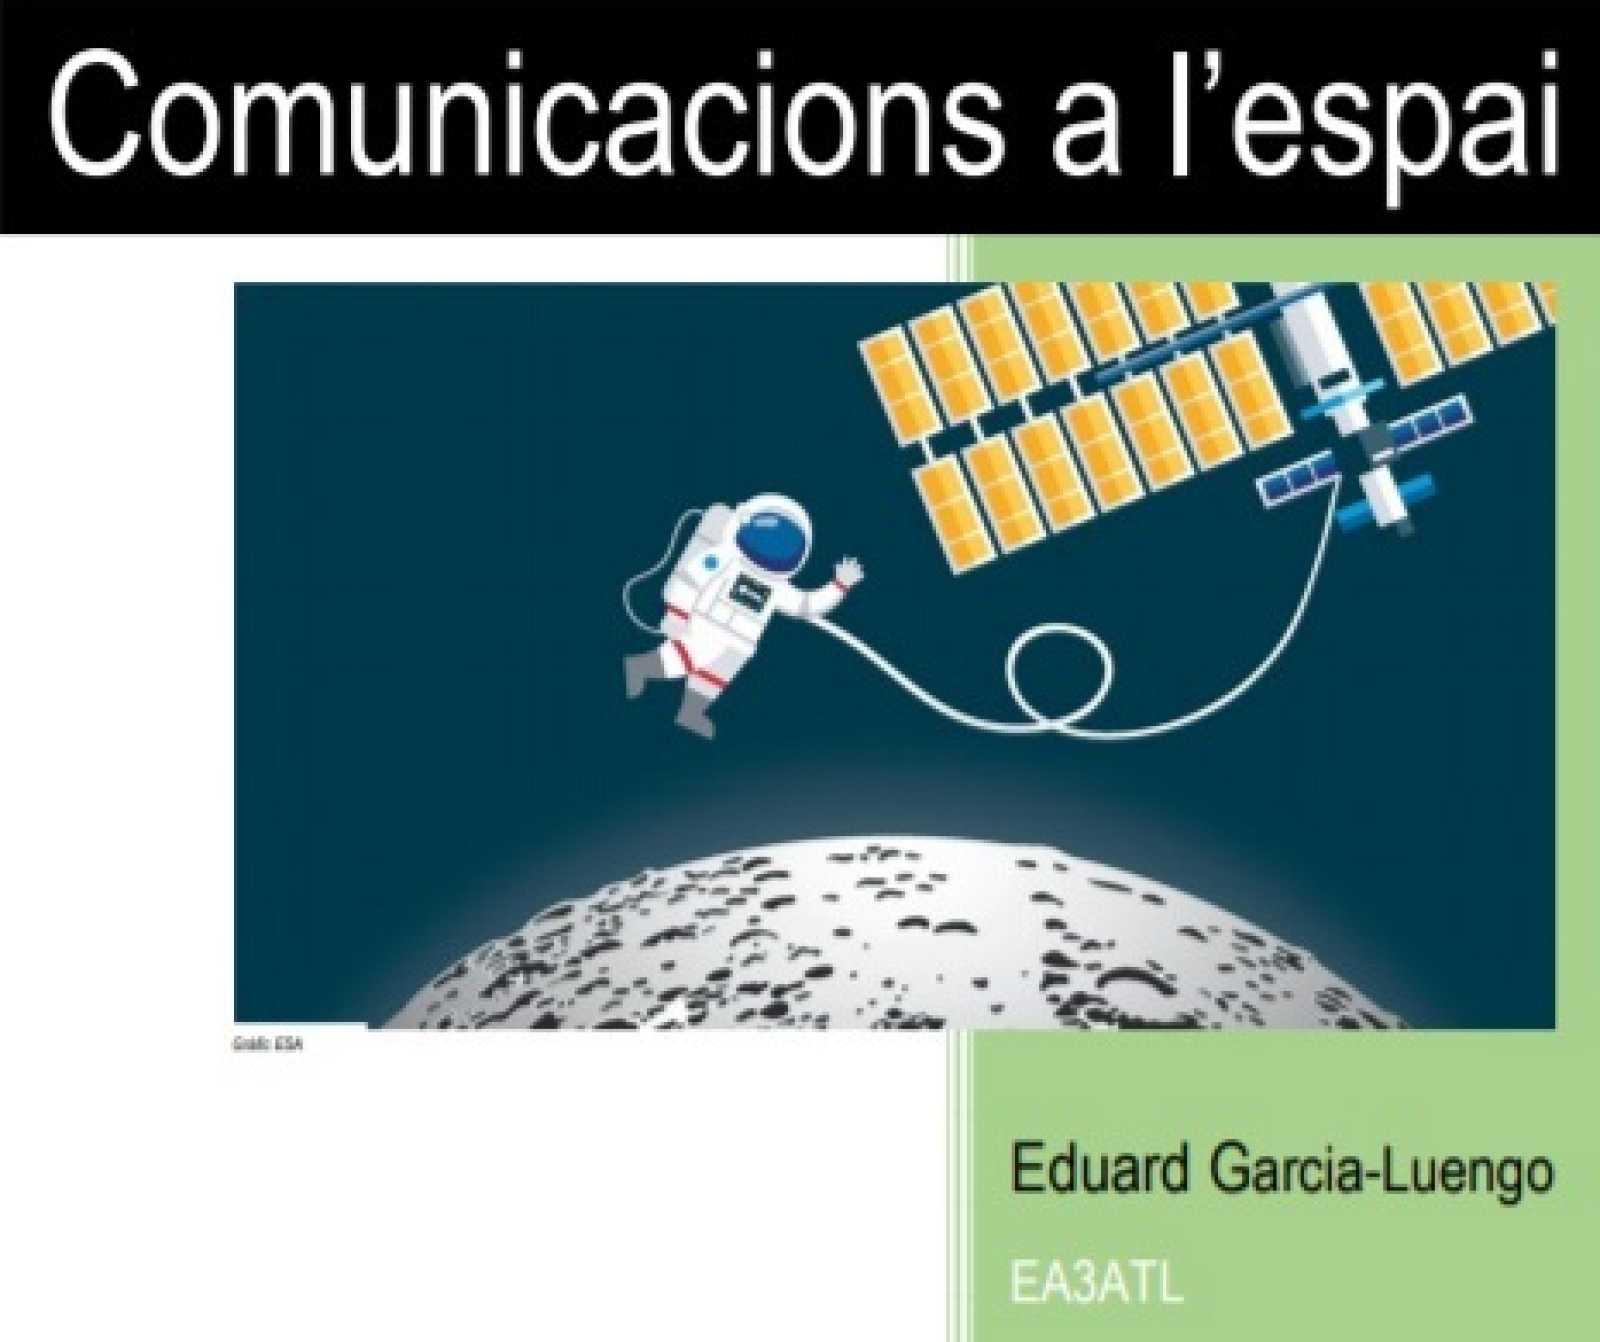 L'altra ràdio - El llibre Comunicacions a l'espai